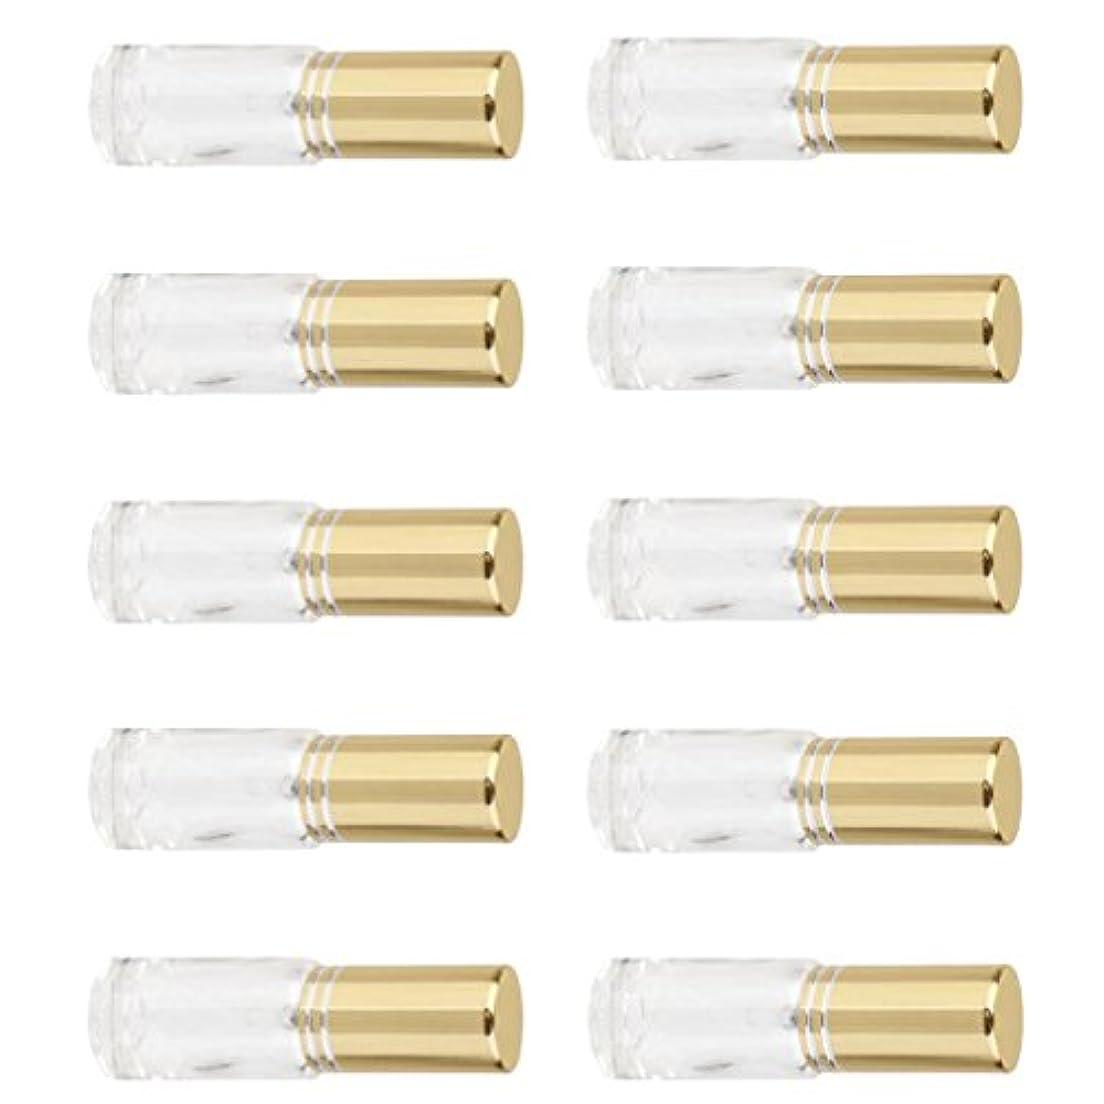 罪人定期的にクラウドSONONIA 10個 お買い得 男女兼用 5ml ミニ ガラス 詰め替え可能 香水 空き瓶 アトマイザー ポンプ スプレー 香水瓶 容器